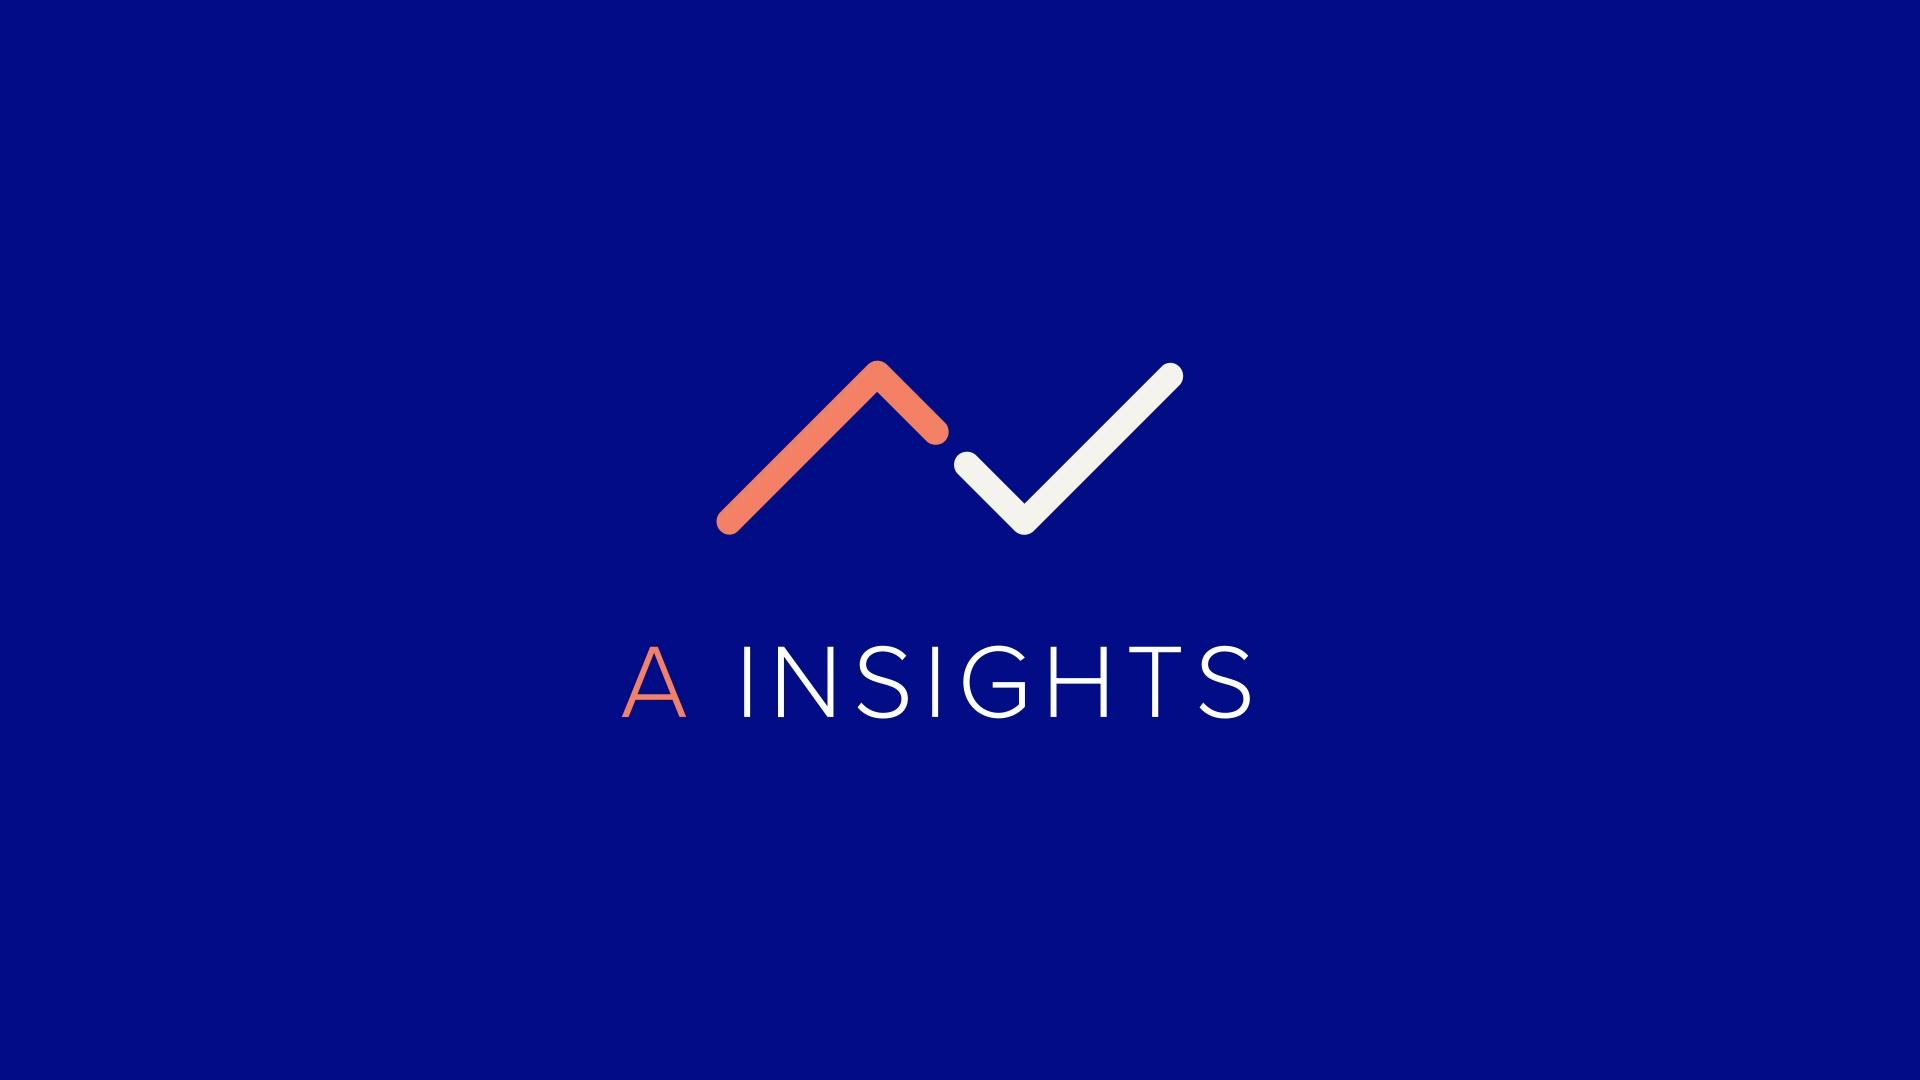 A Insights v2 16-9